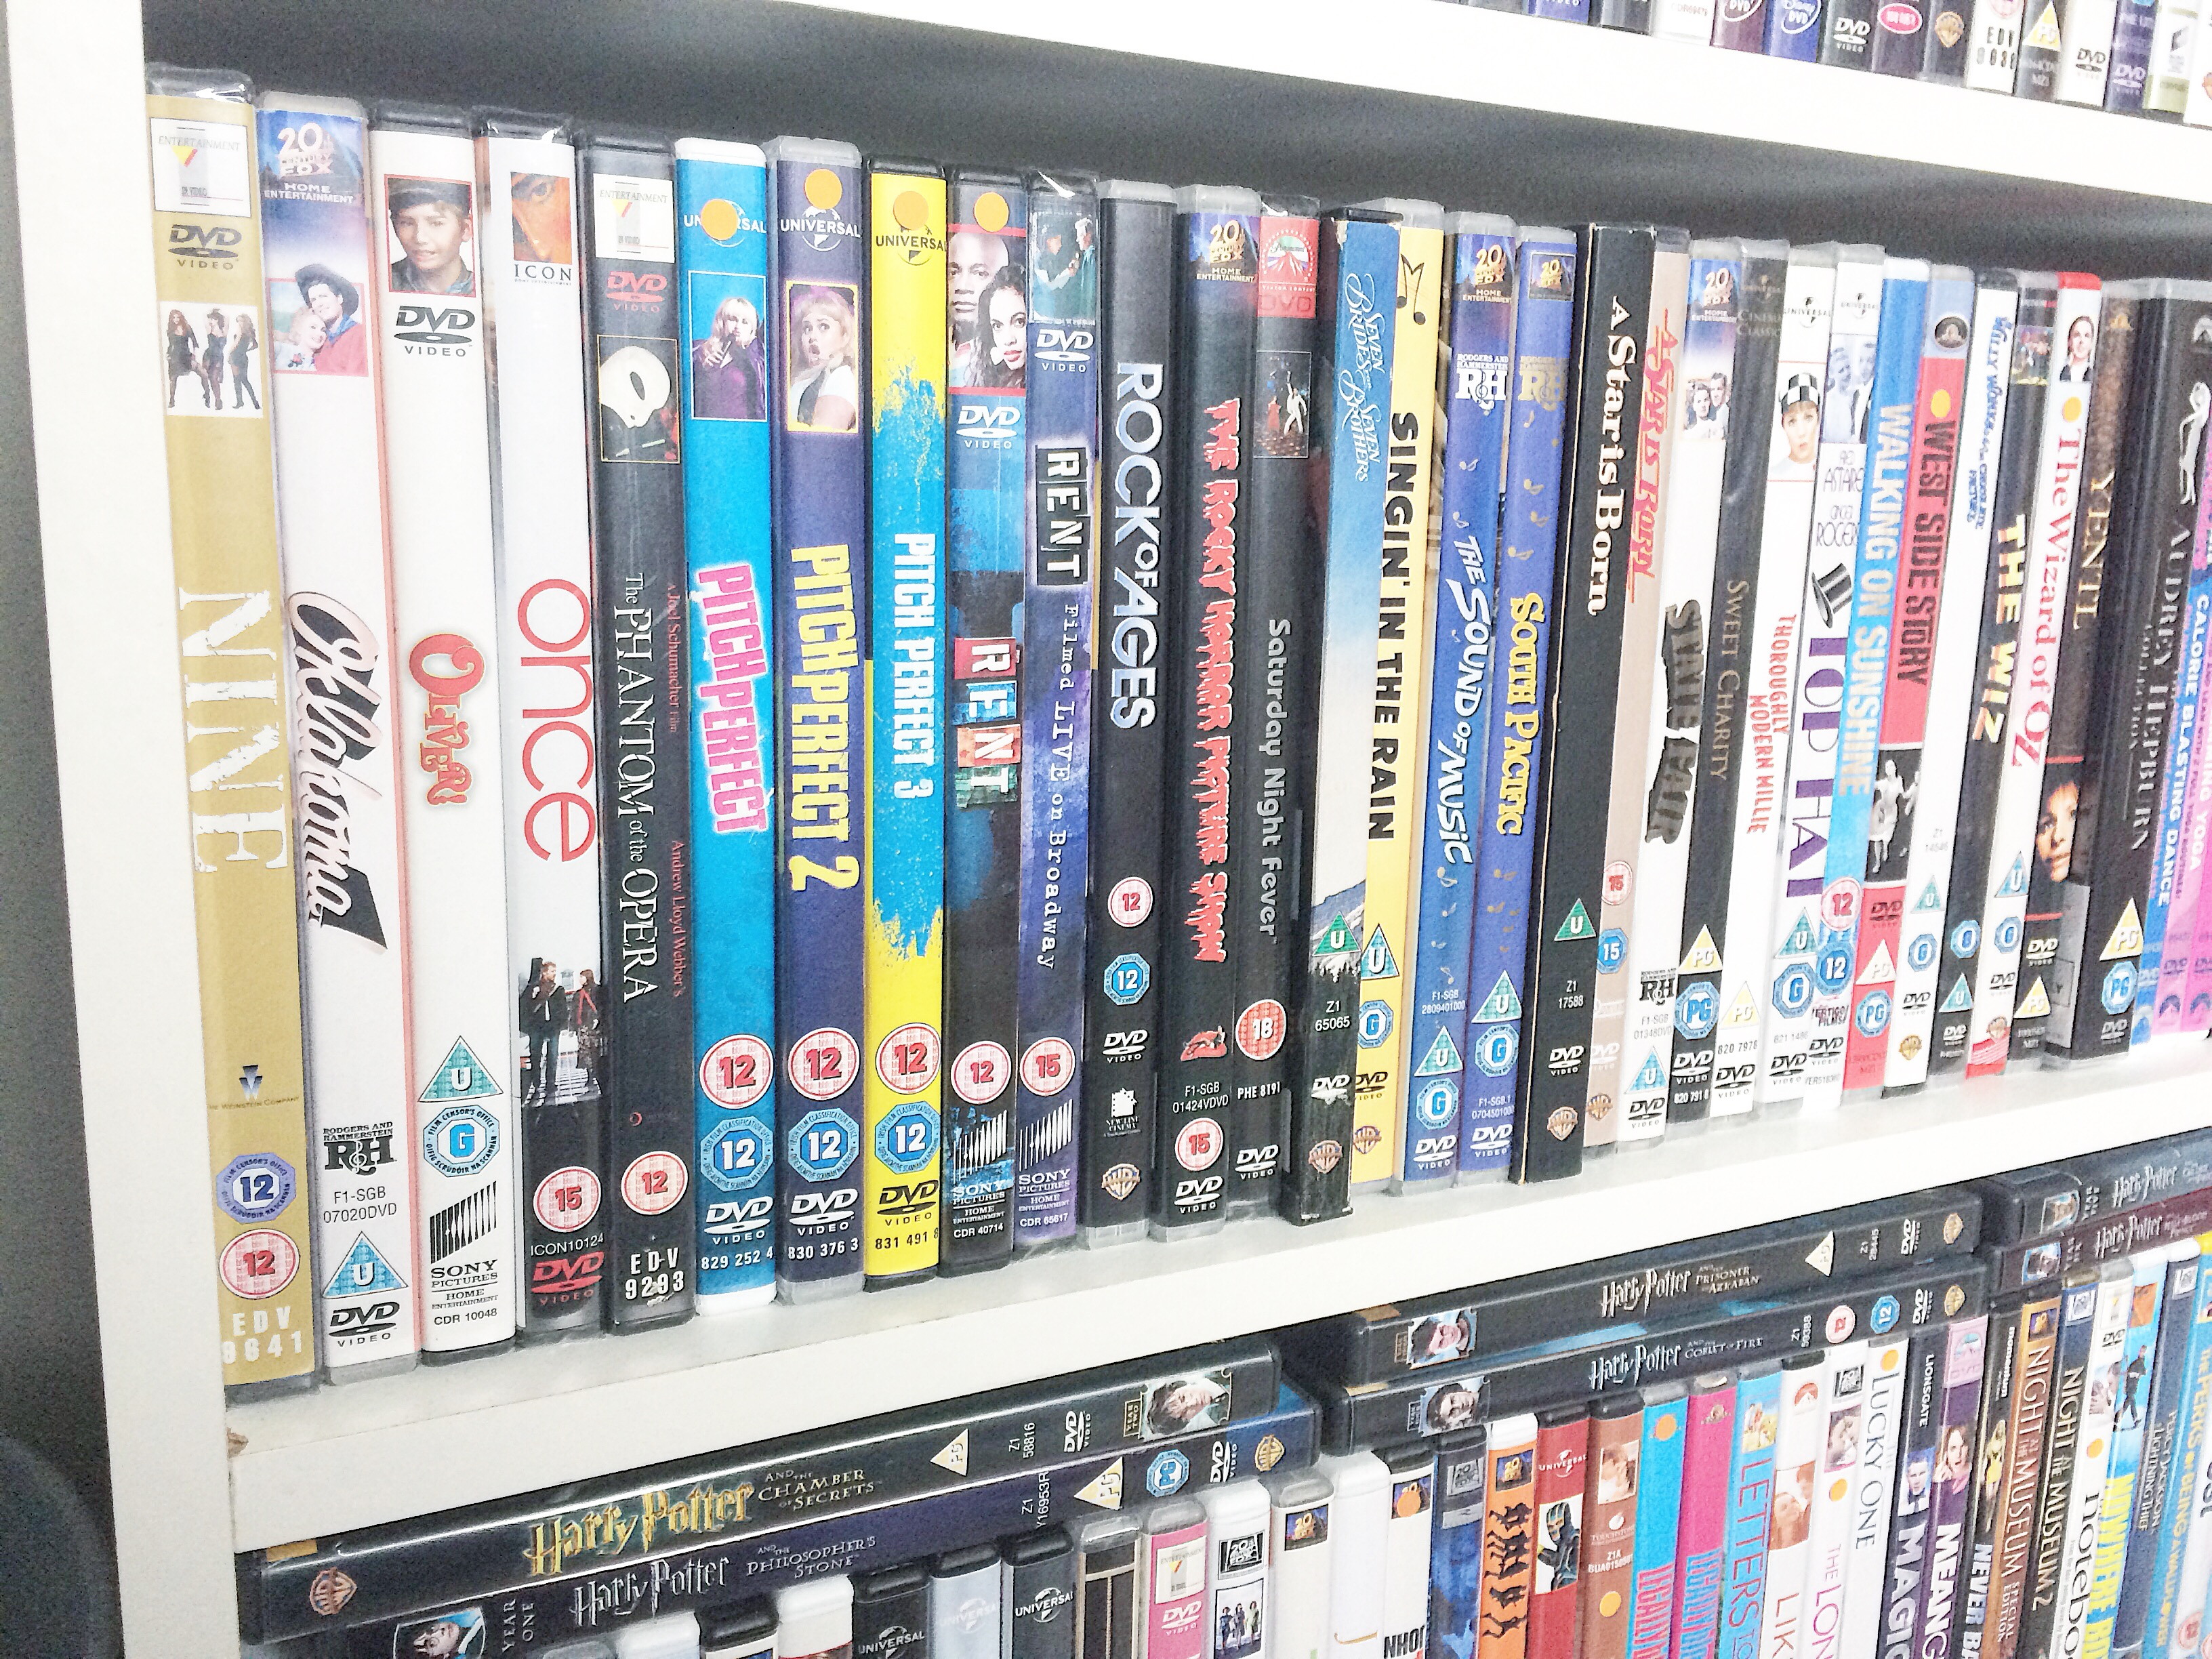 favourite-movie-musicals-header-3